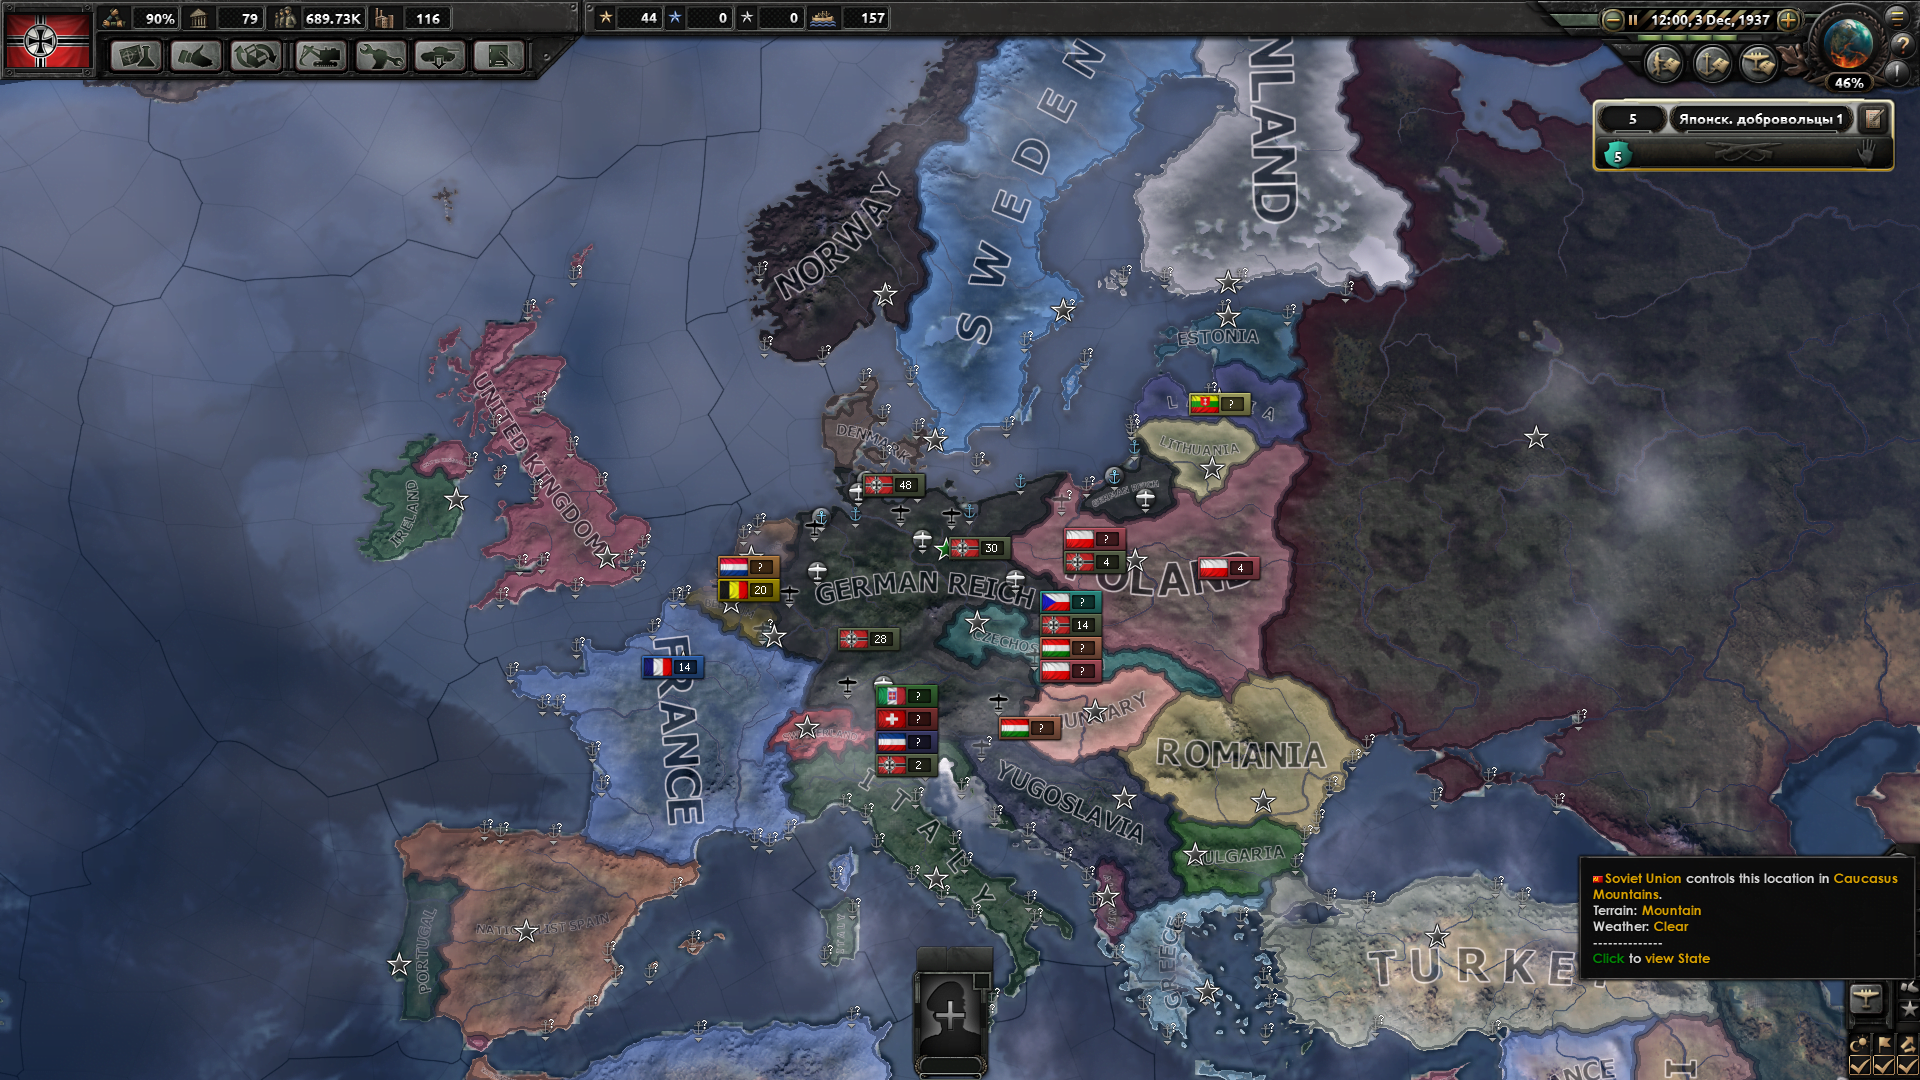 Політична карта Європи після аншлюзу Австрії та приєднання Судет до Третього Рейху